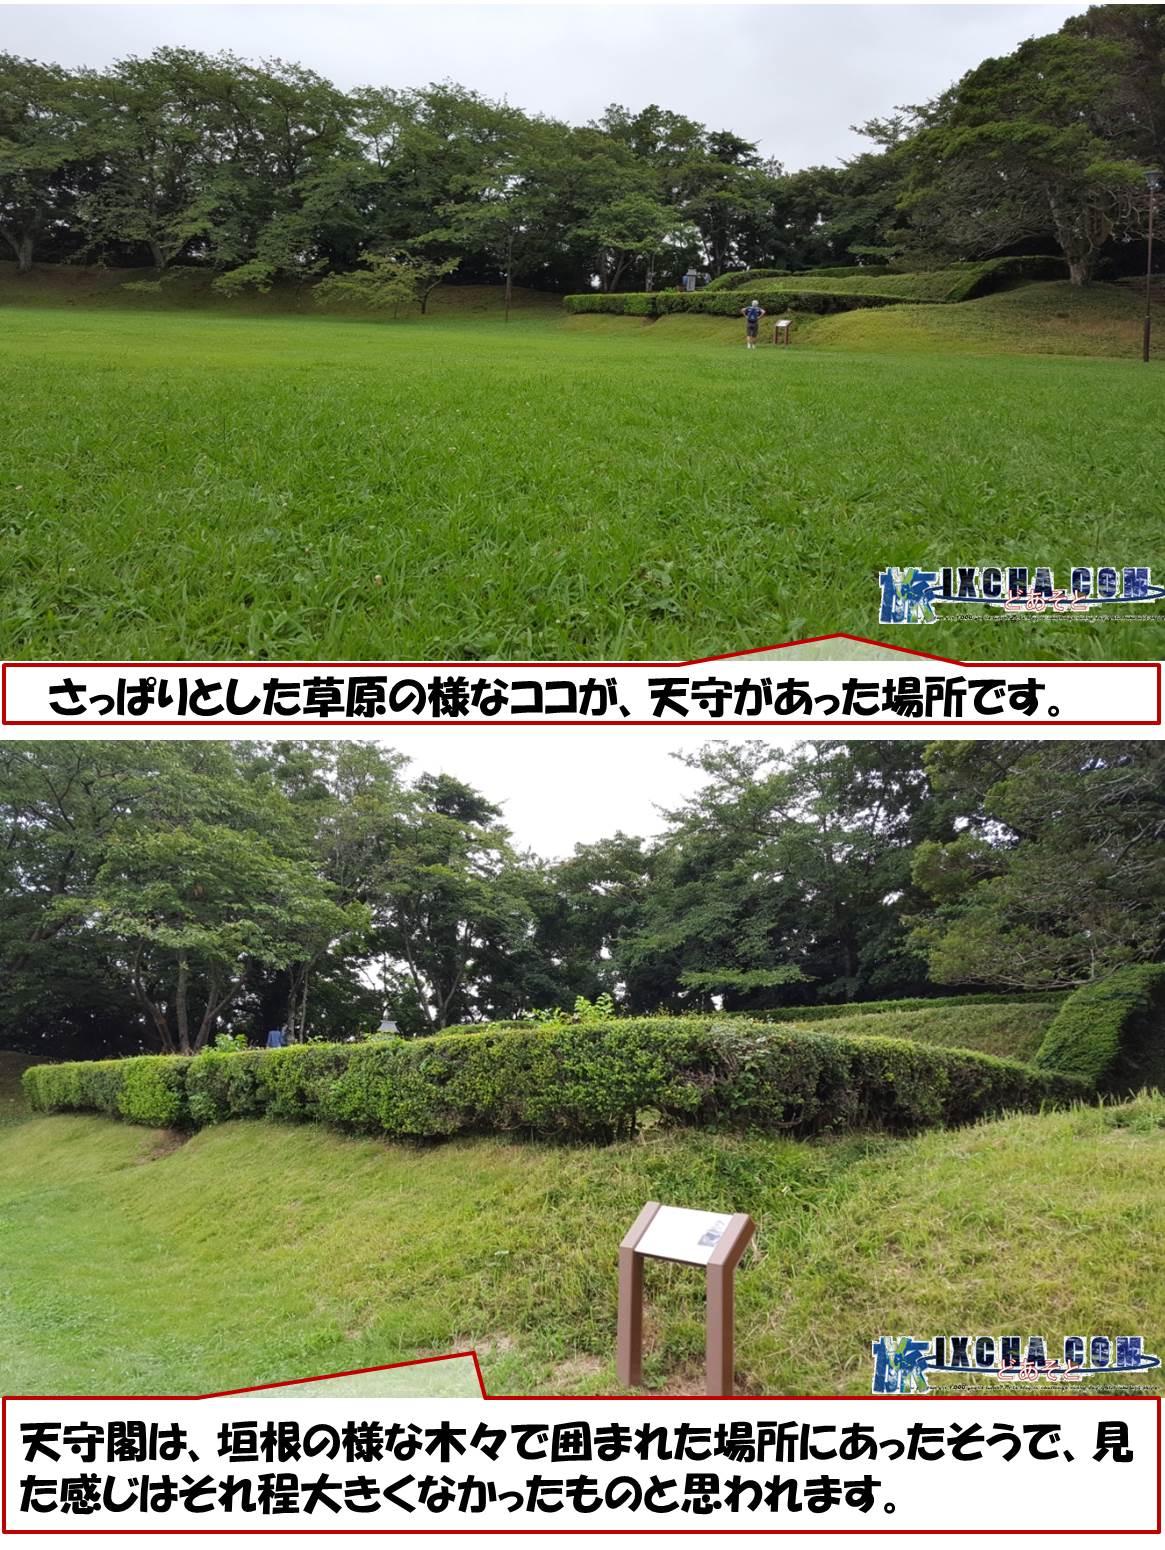 さっぱりとした草原の様なココが、天守があった場所です。 天守閣は、垣根の様な木々で囲まれた場所にあったそうで、見た感じはそれ程大きくなかったものと思われます。